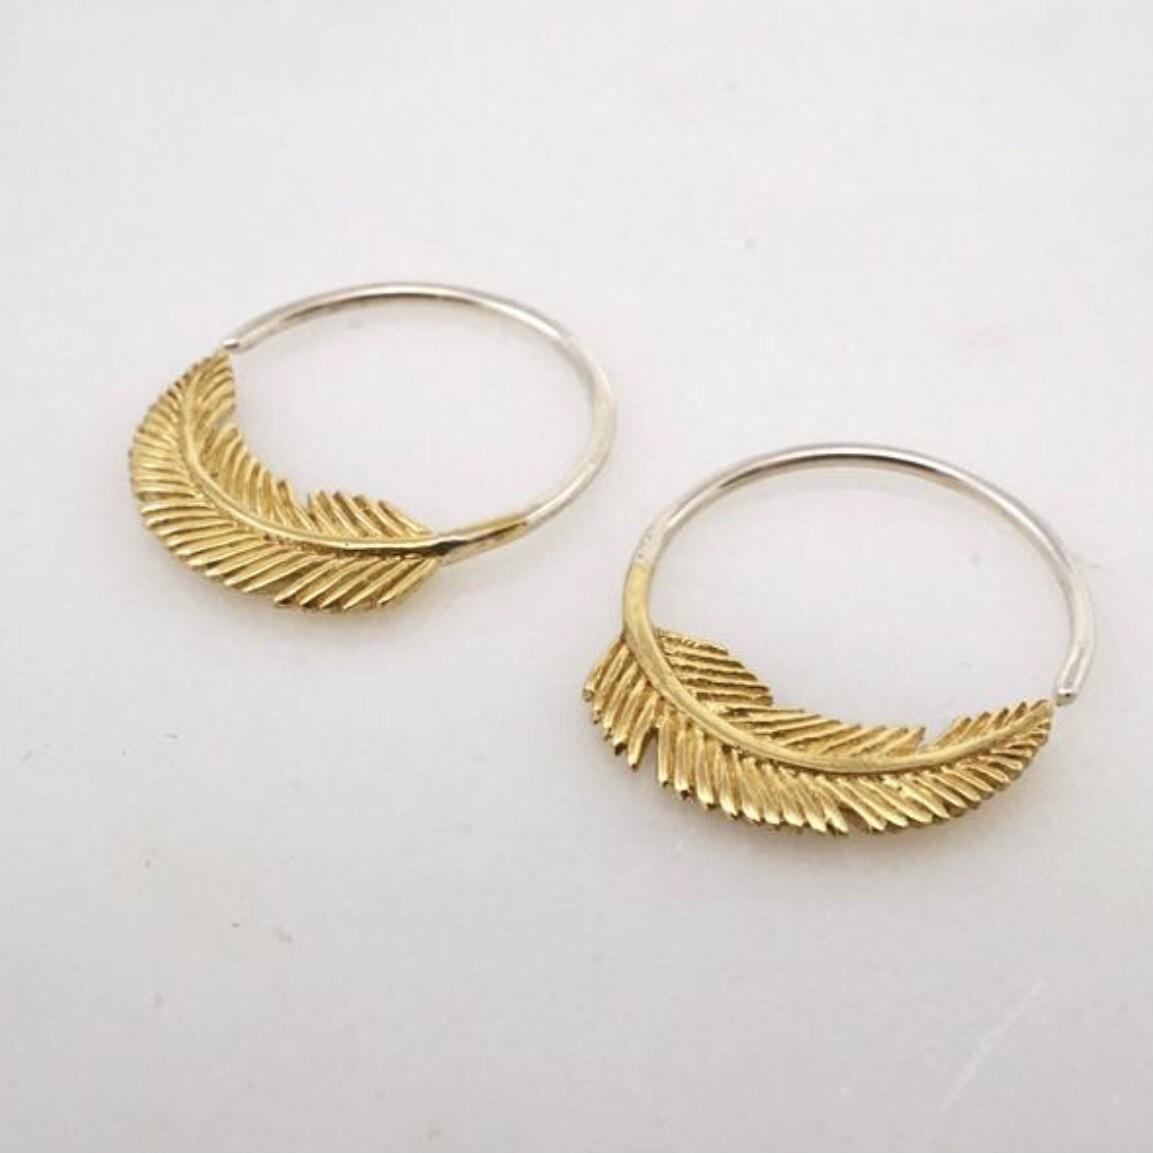 Little Feather Sleeper Hoops in Brass + Sterling Silver - IBE264